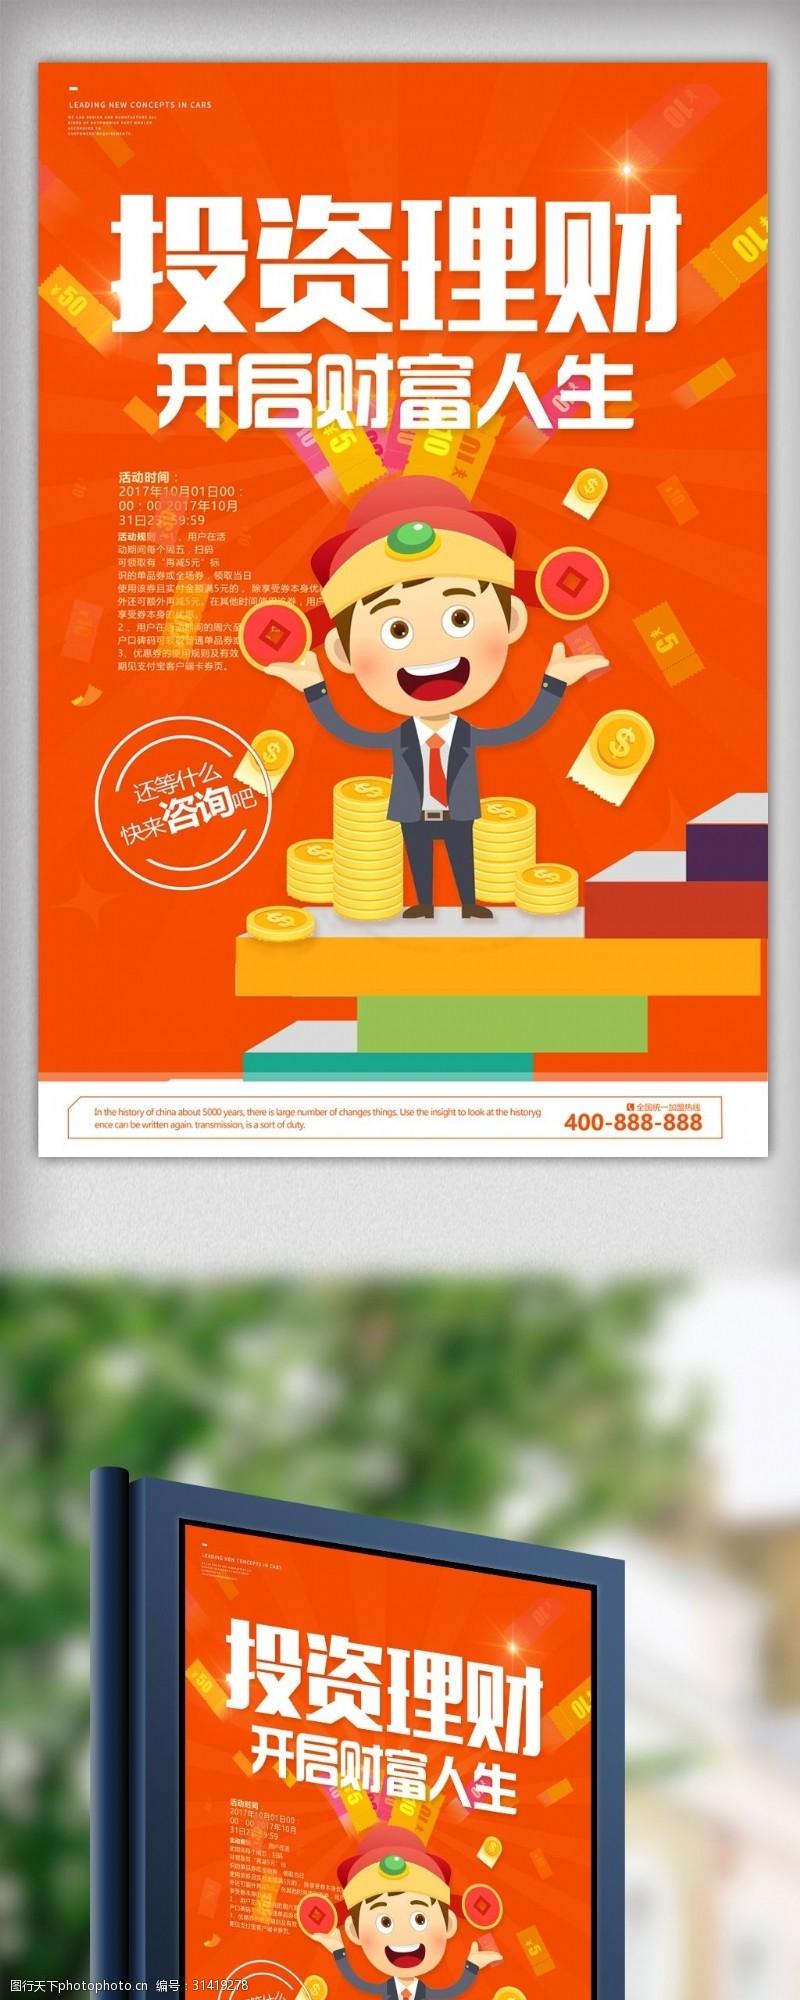 投资理财开启财富人生海报设计